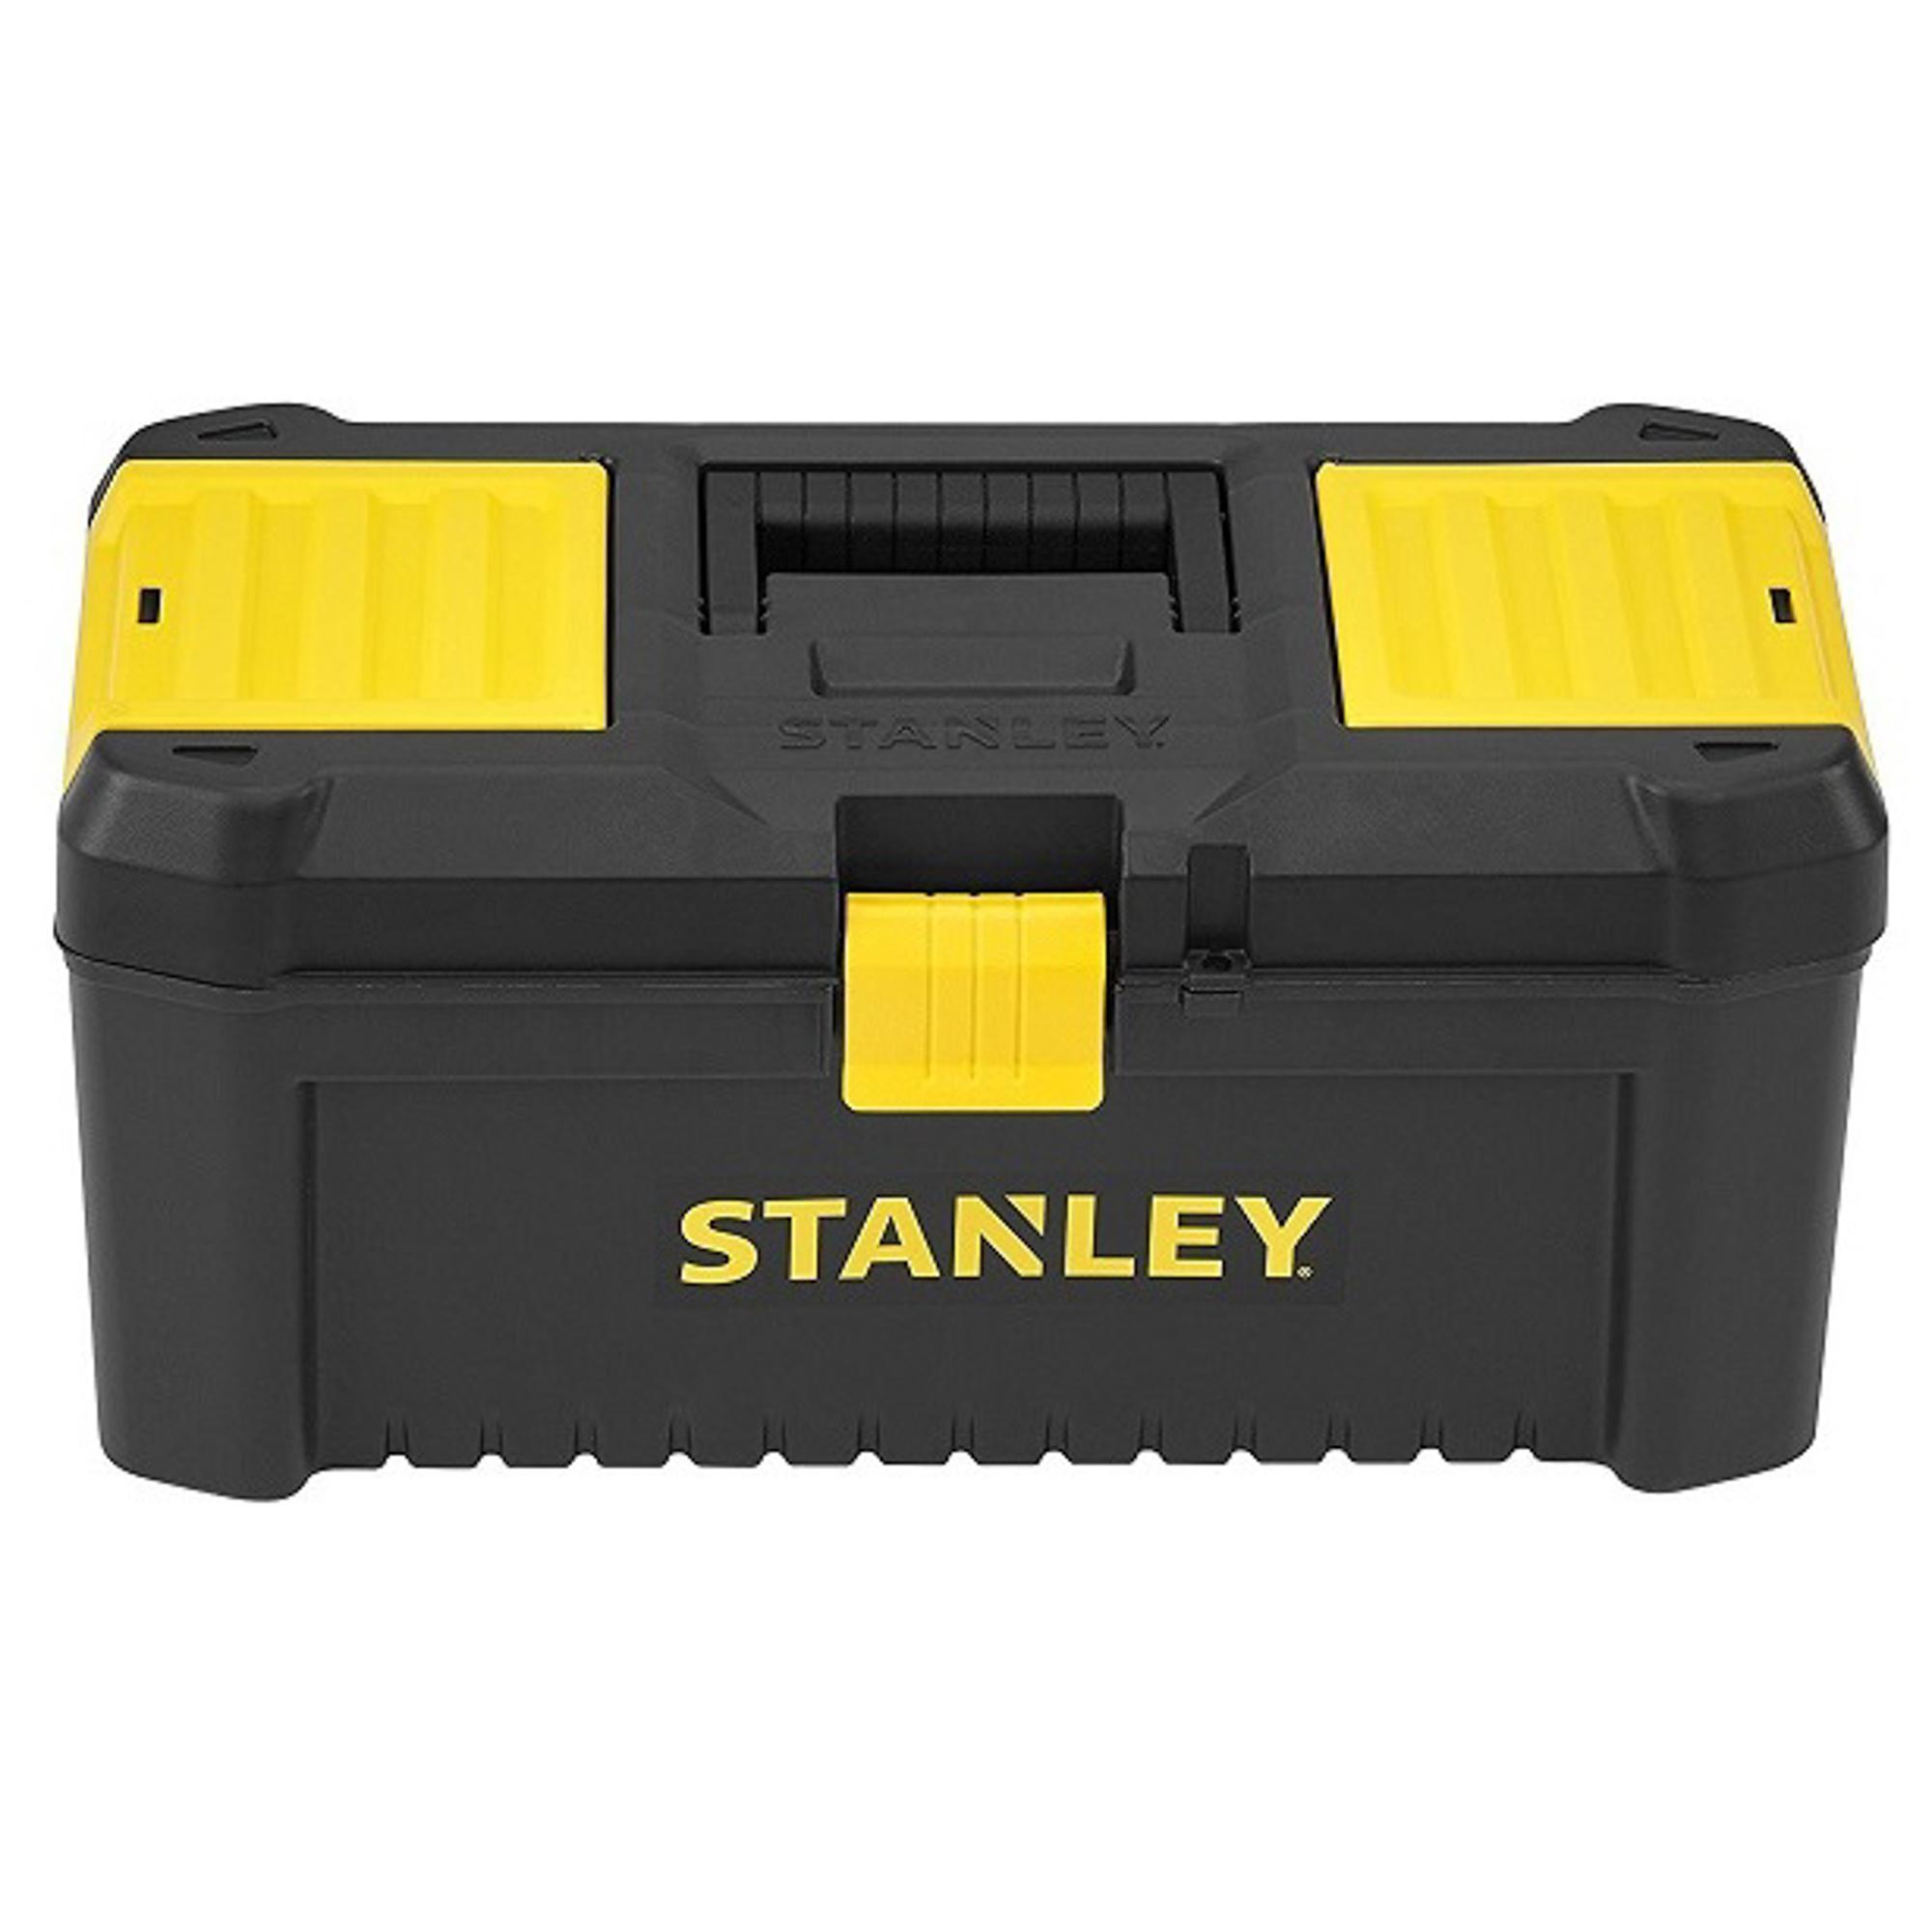 Ящик для инструмента STANLEY STST1-75517 ящик с органайзером stanley stst1 75517 essential 40 6x20 5x19 5 см 16 черный